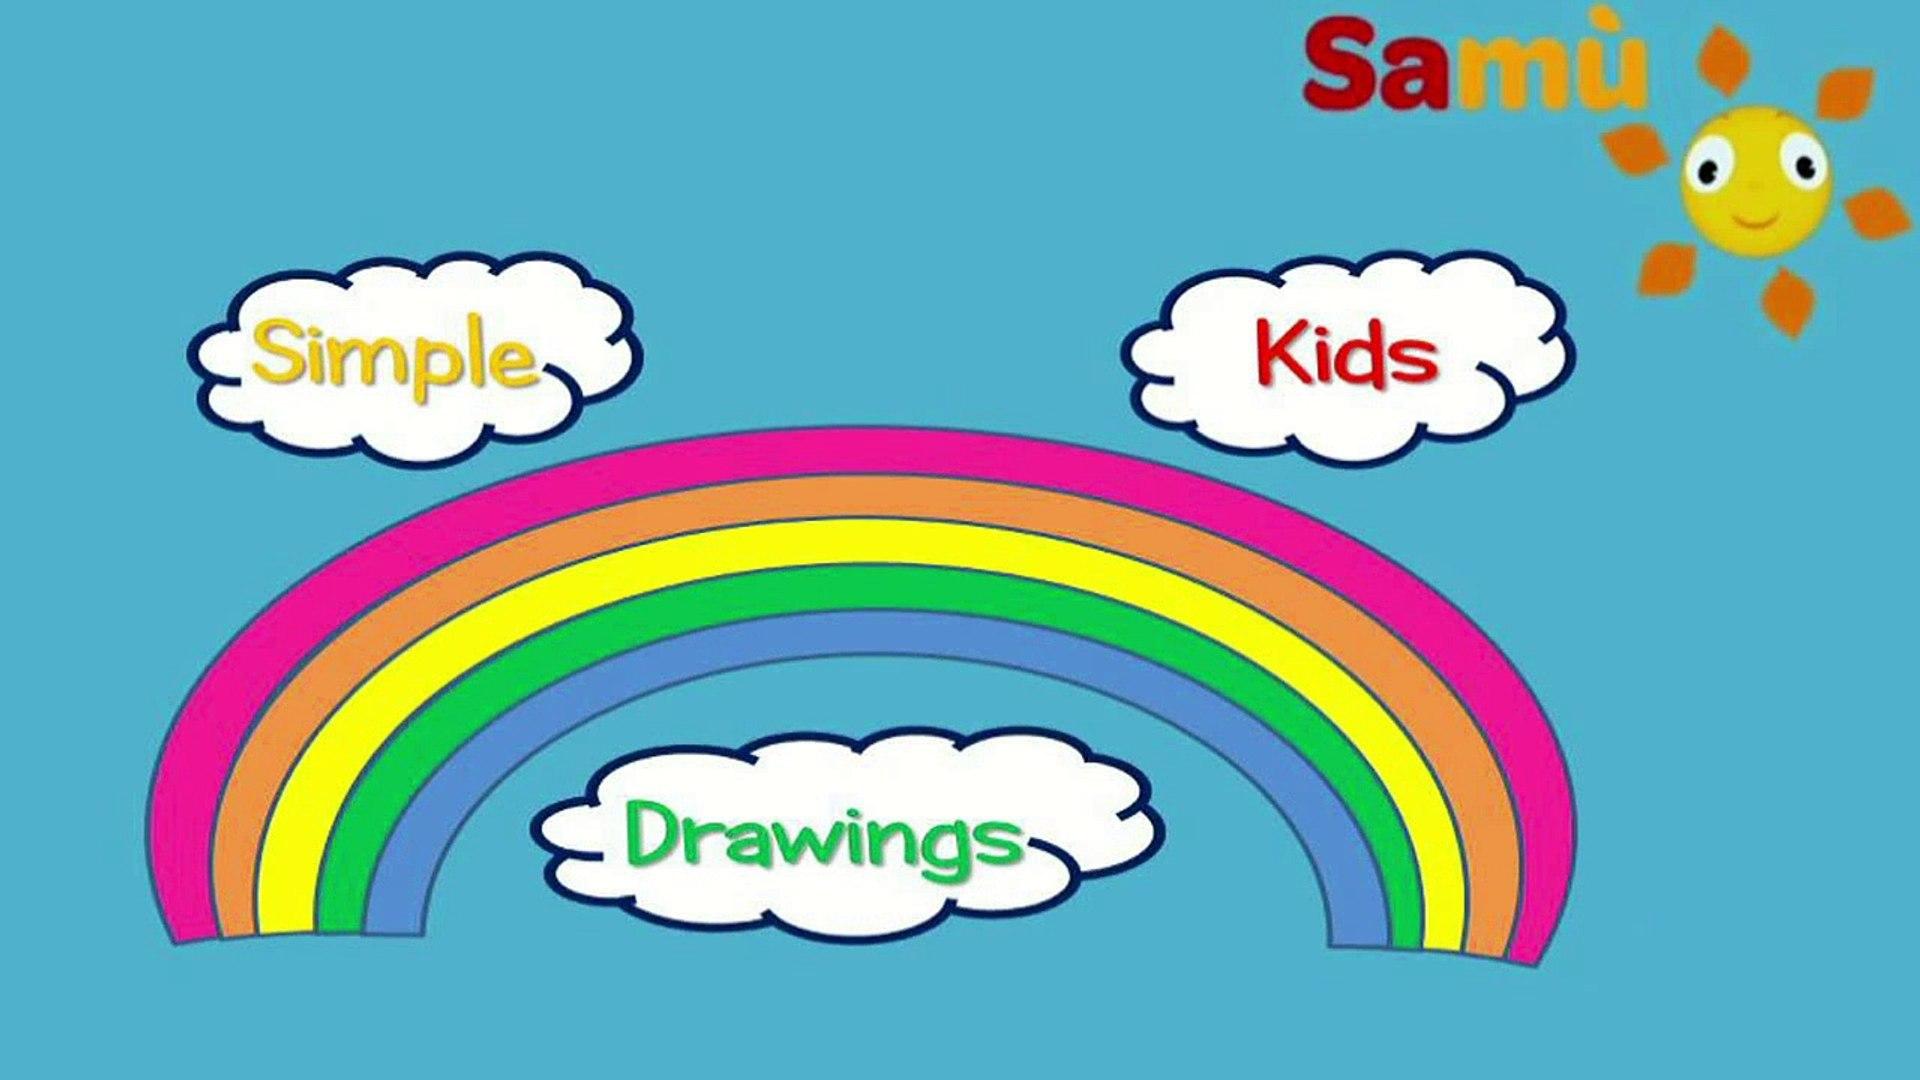 DOVE & PEACE: ORIGINAL PRESCHOOL ACTIVITIES - KIDS SIMPLE DRAWING for children, kids, babies